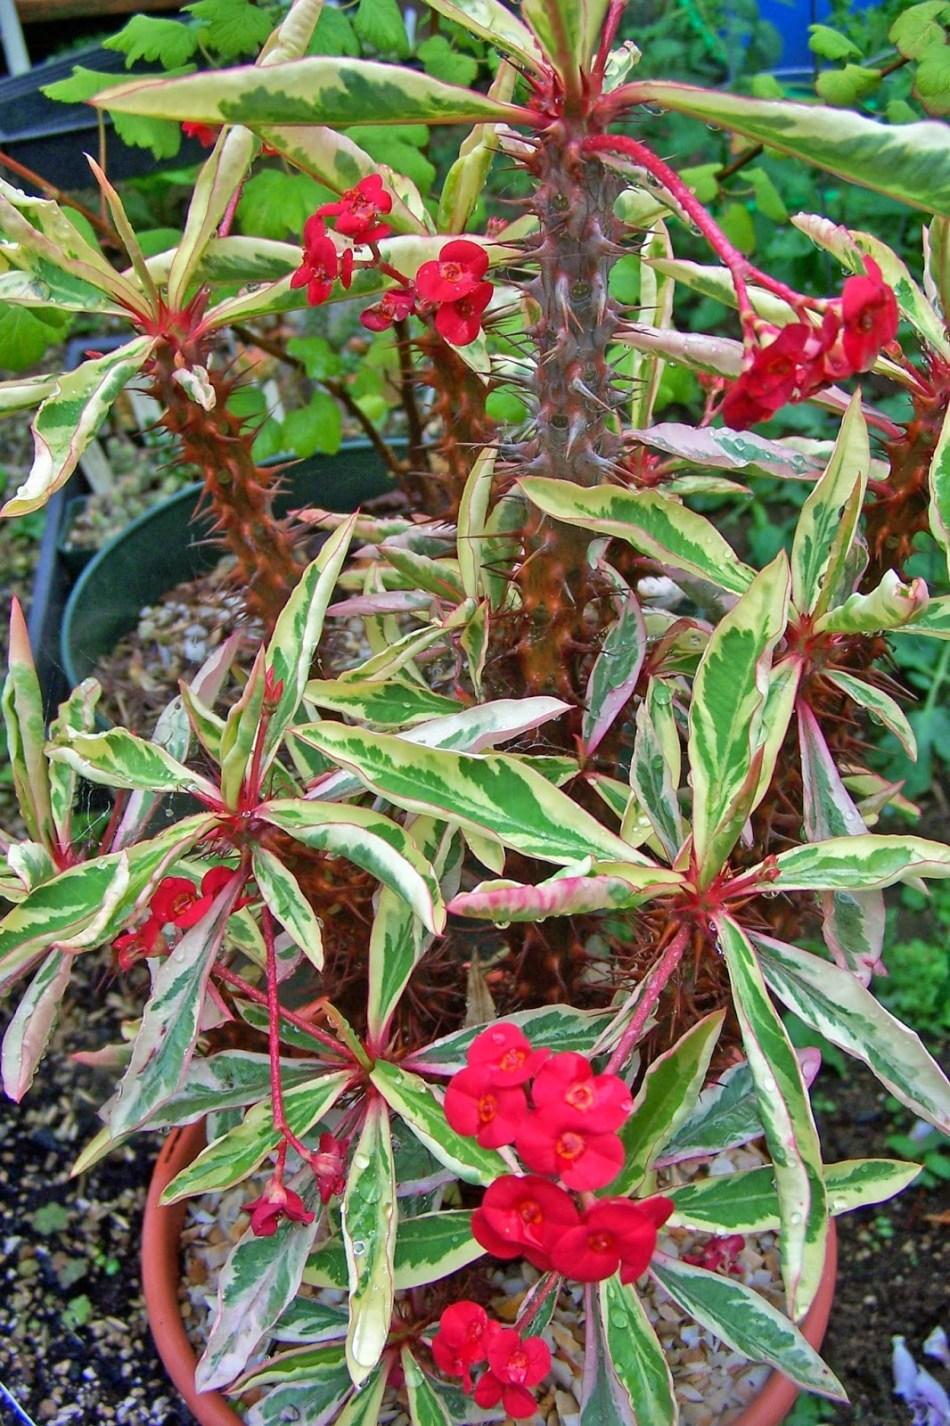 Couronne d'épines à feuillage panaché, fleurs rouges